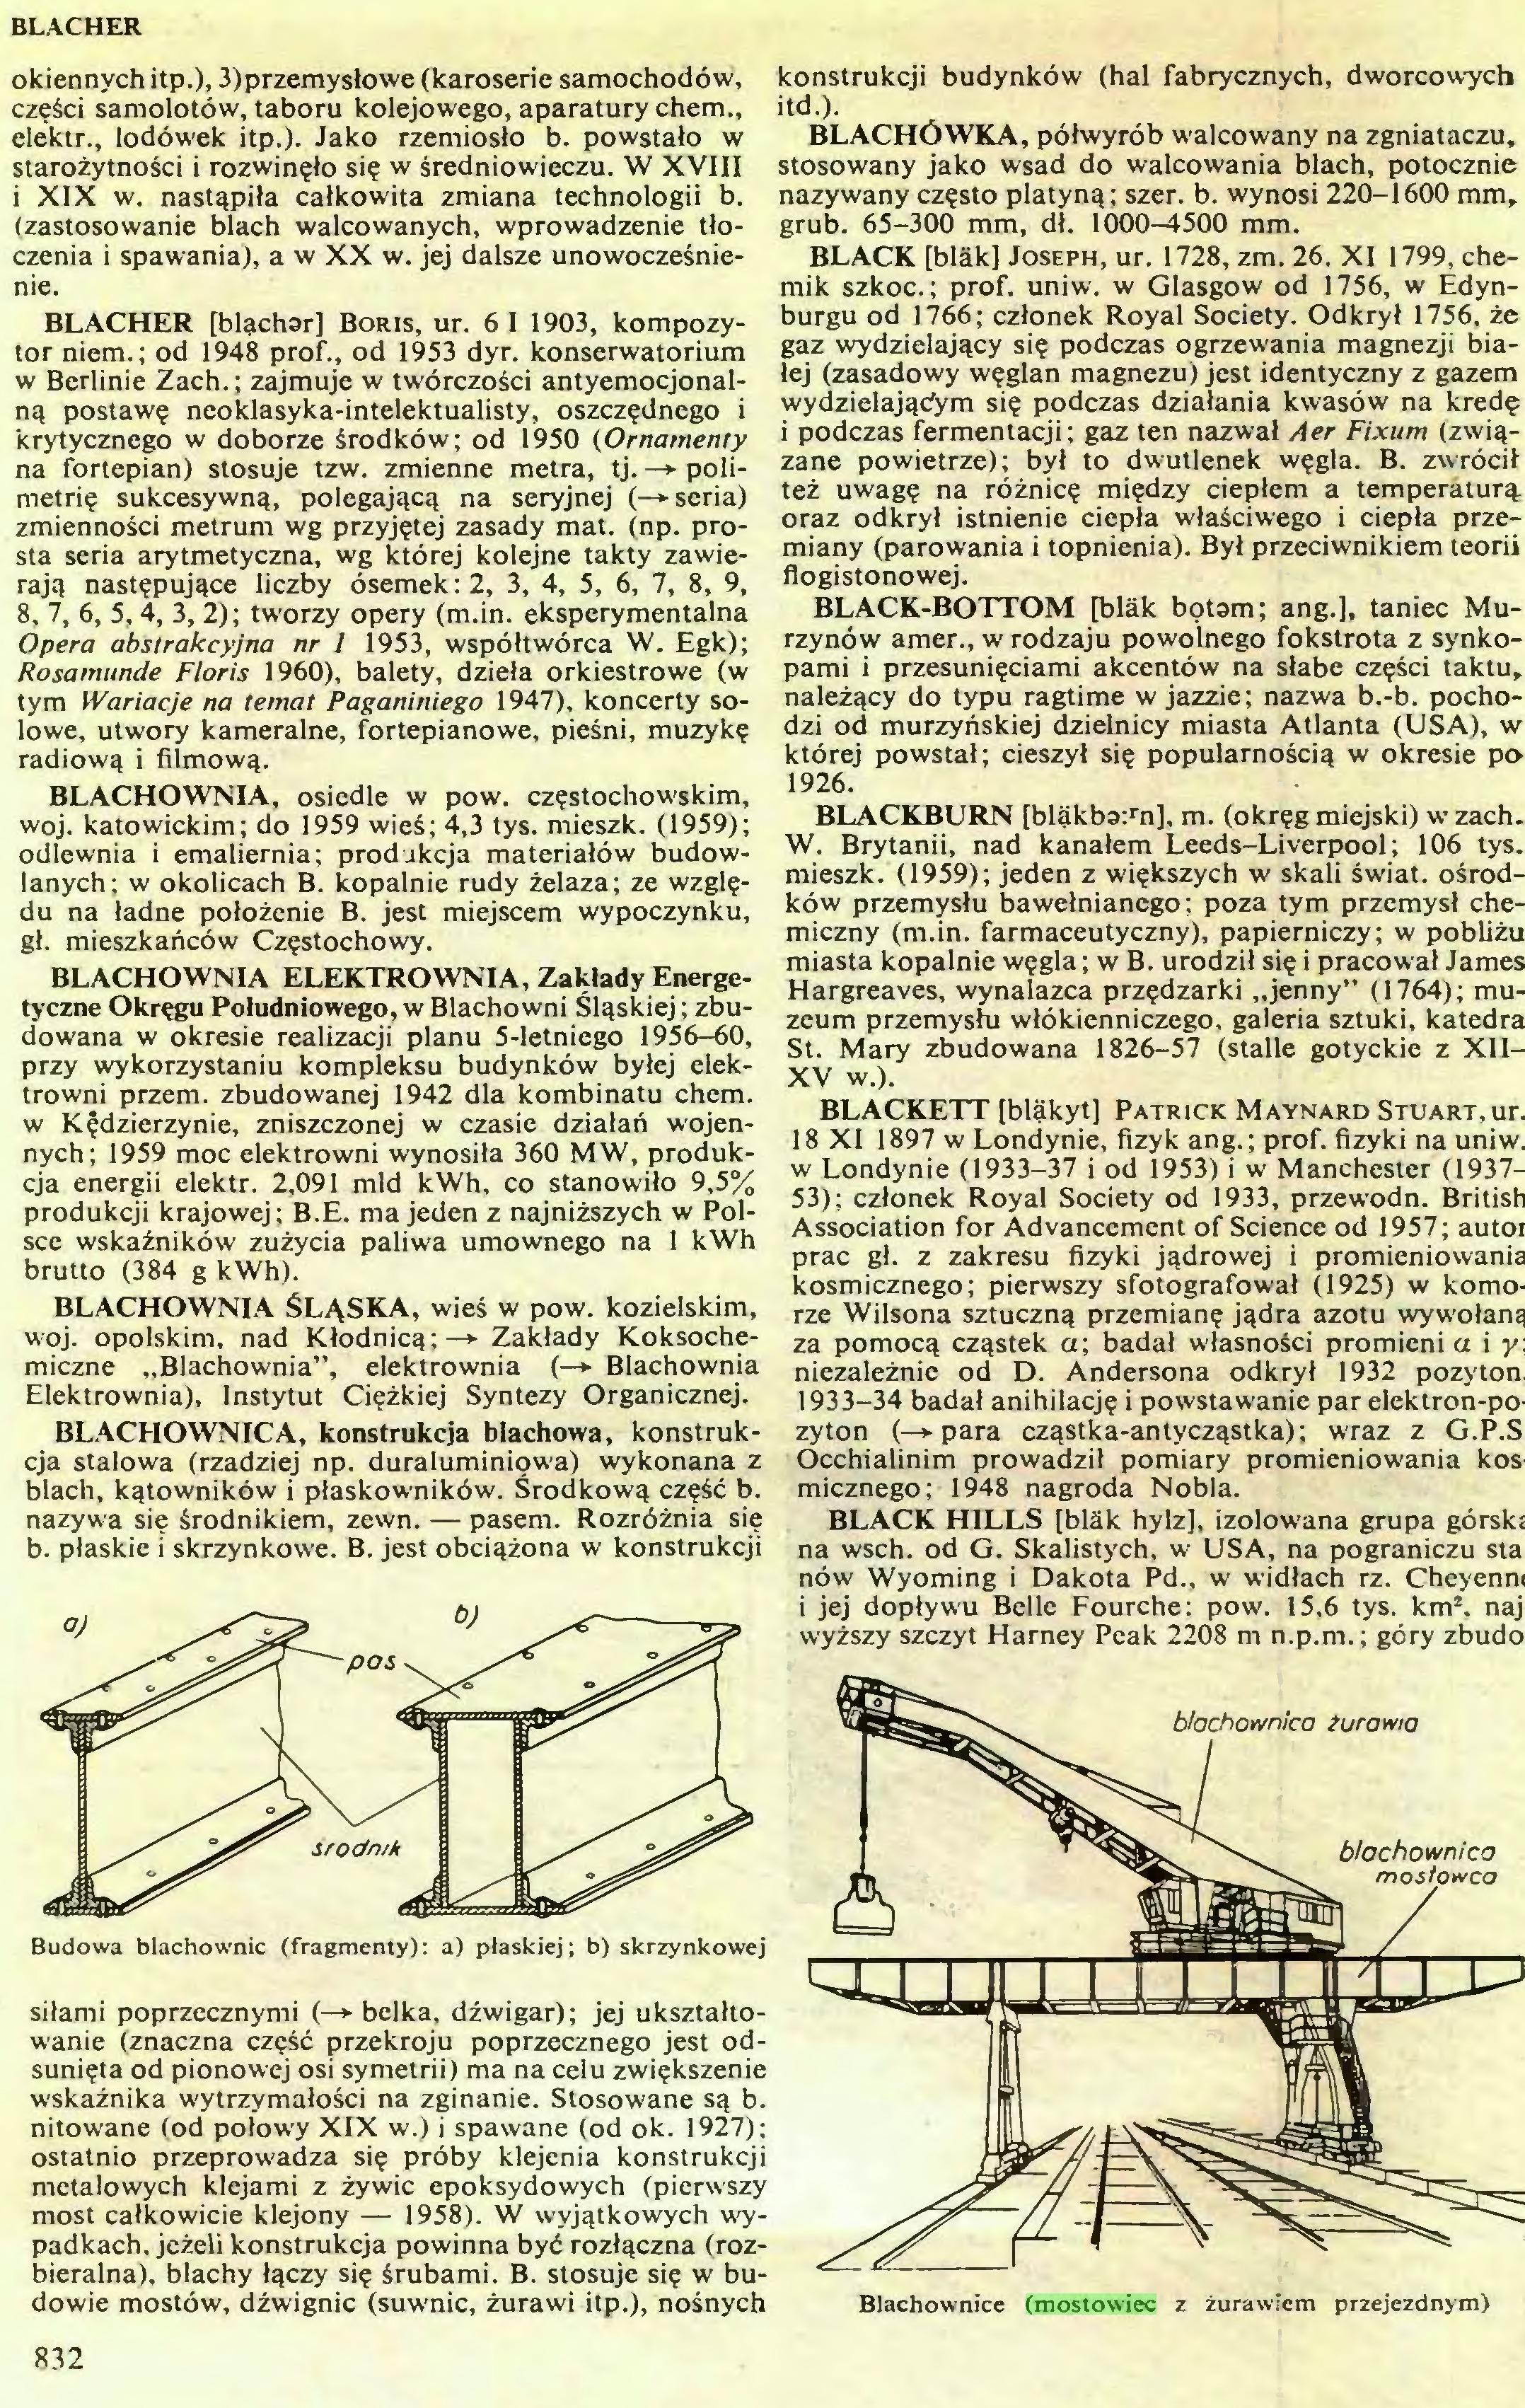 (...) Blachownice (mostowiec z żurawiem przejezdnym) 832 BLANC...